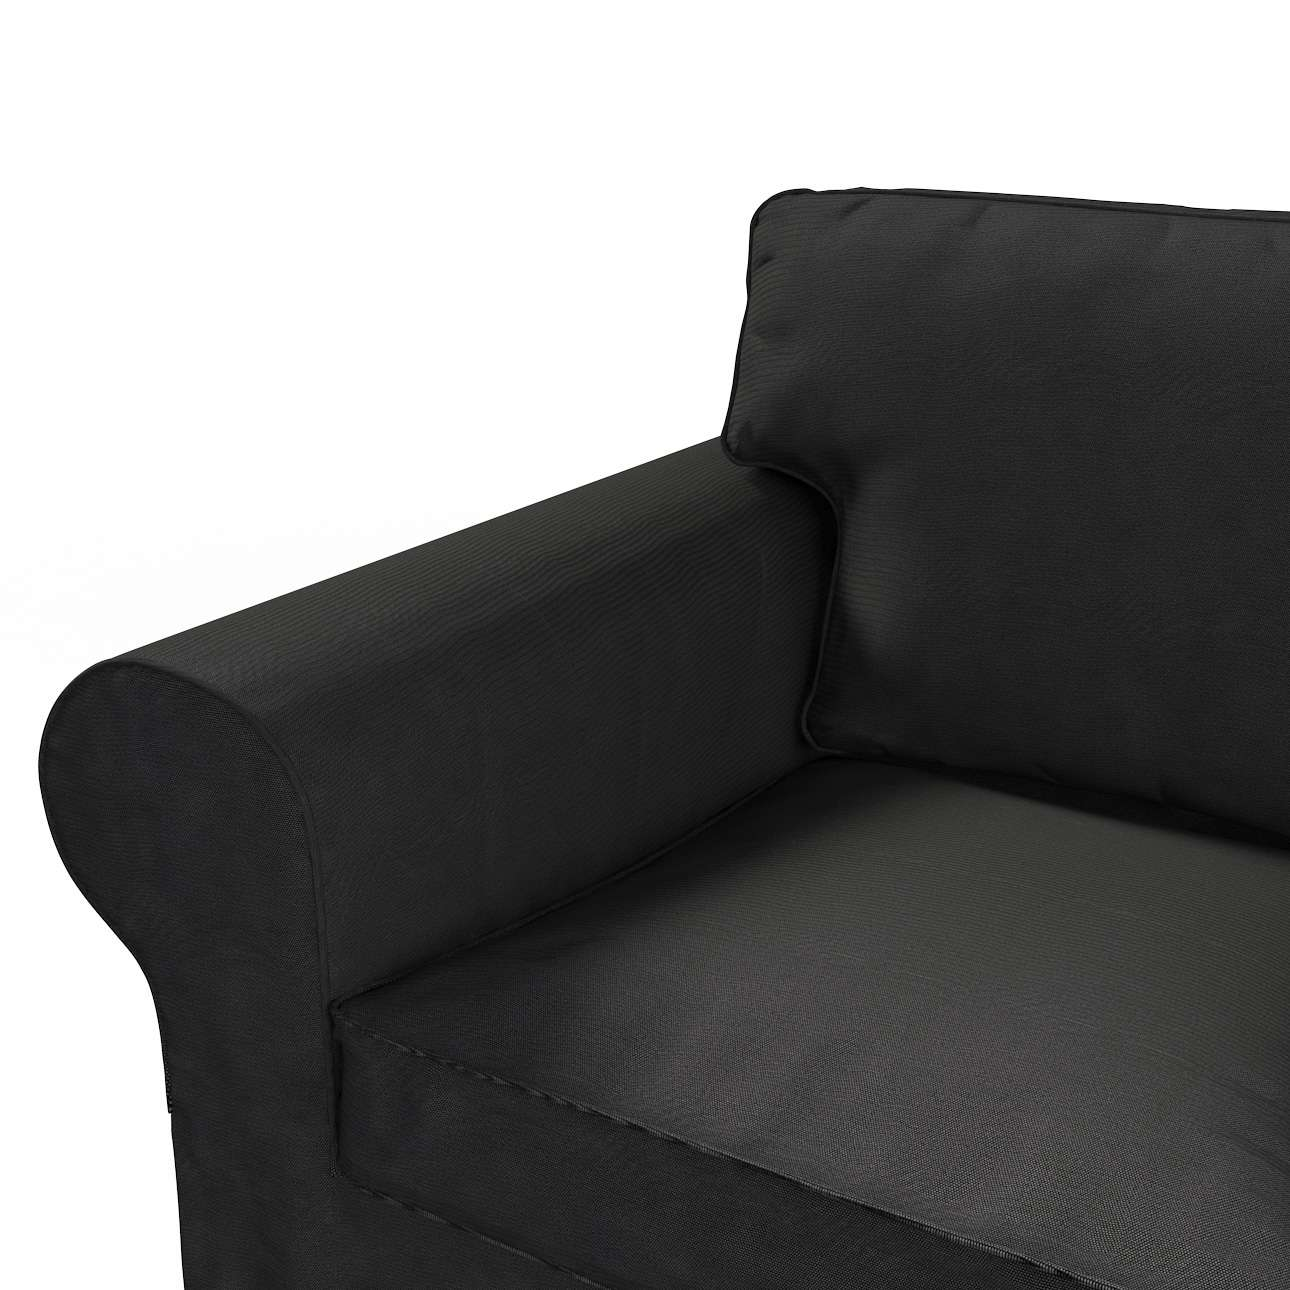 Potah na pohovku IKEA Ektorp 2-místná rozkládací  NOVÝ MODEL od 2012 Ektorp 2012 v kolekci Etna, látka: 705-00